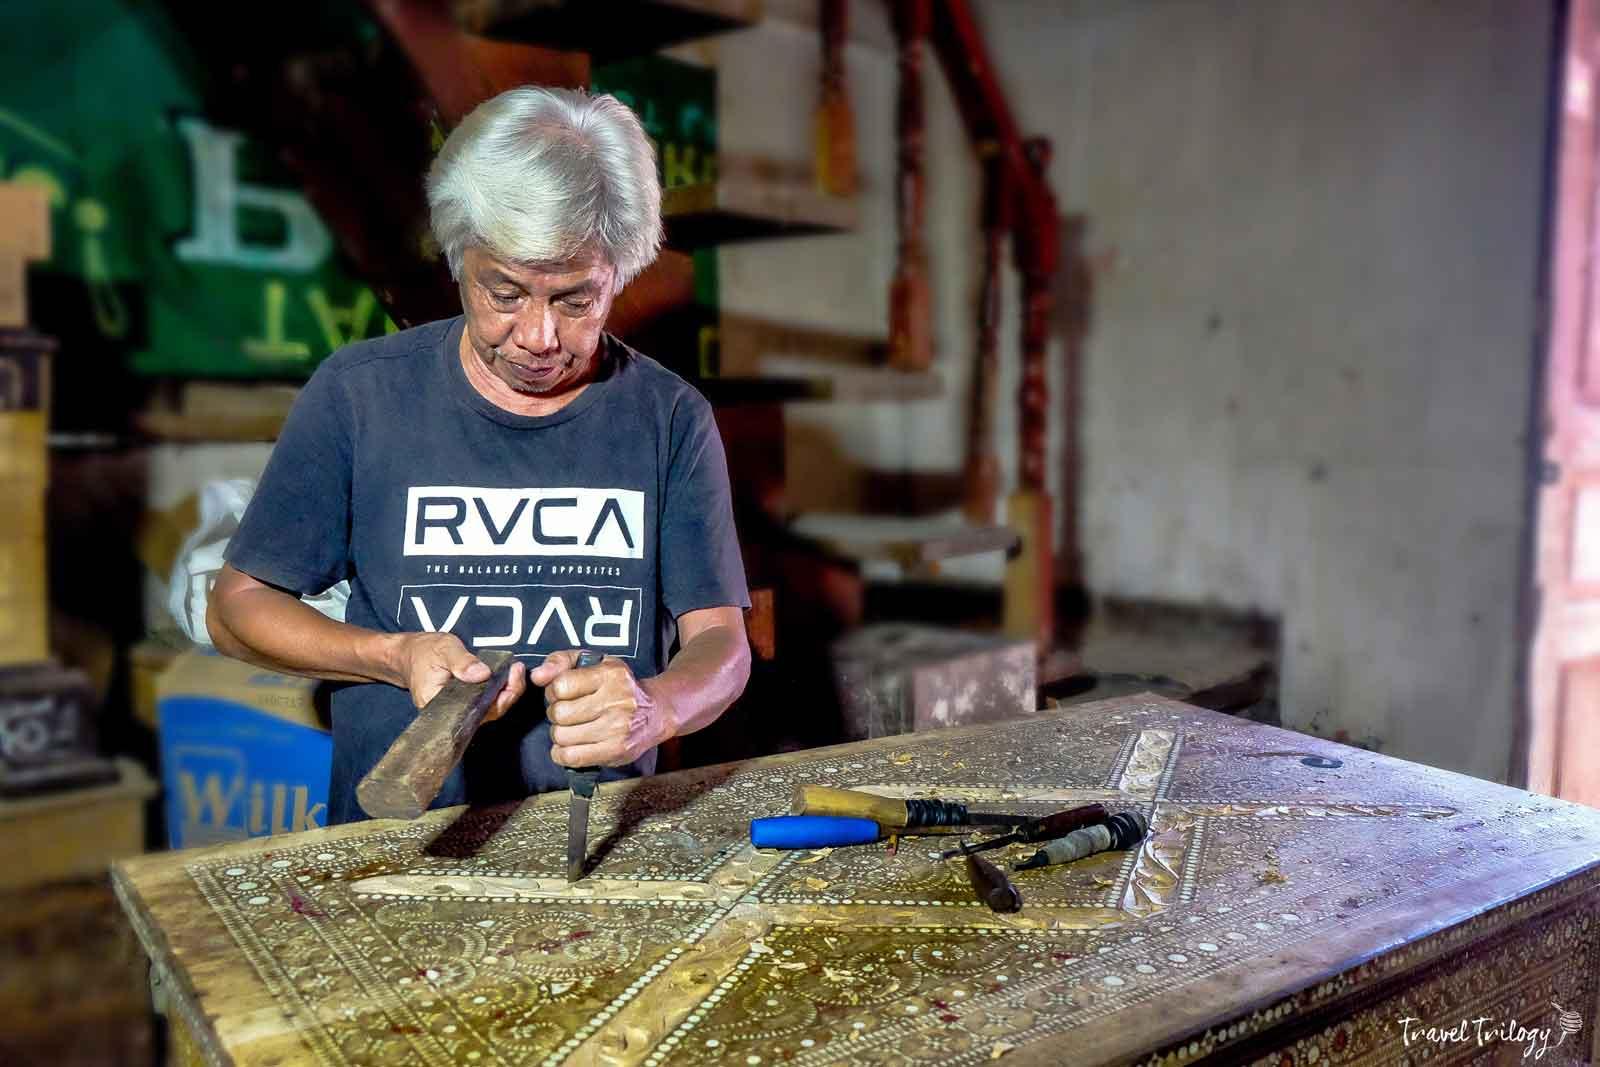 maranao arts and crafts